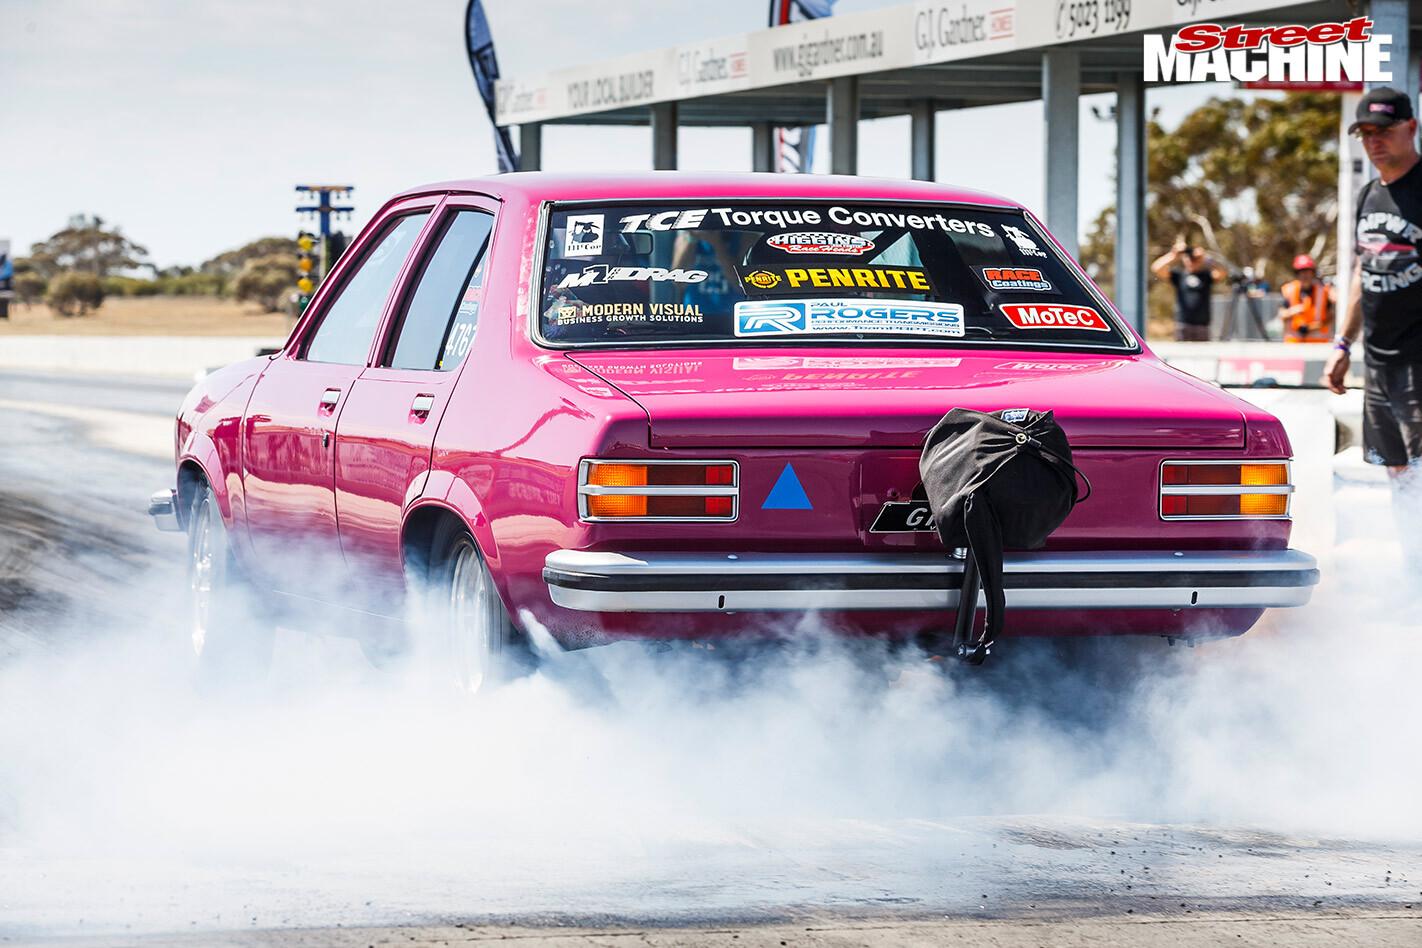 Holden LH Torana at Drag Challenge